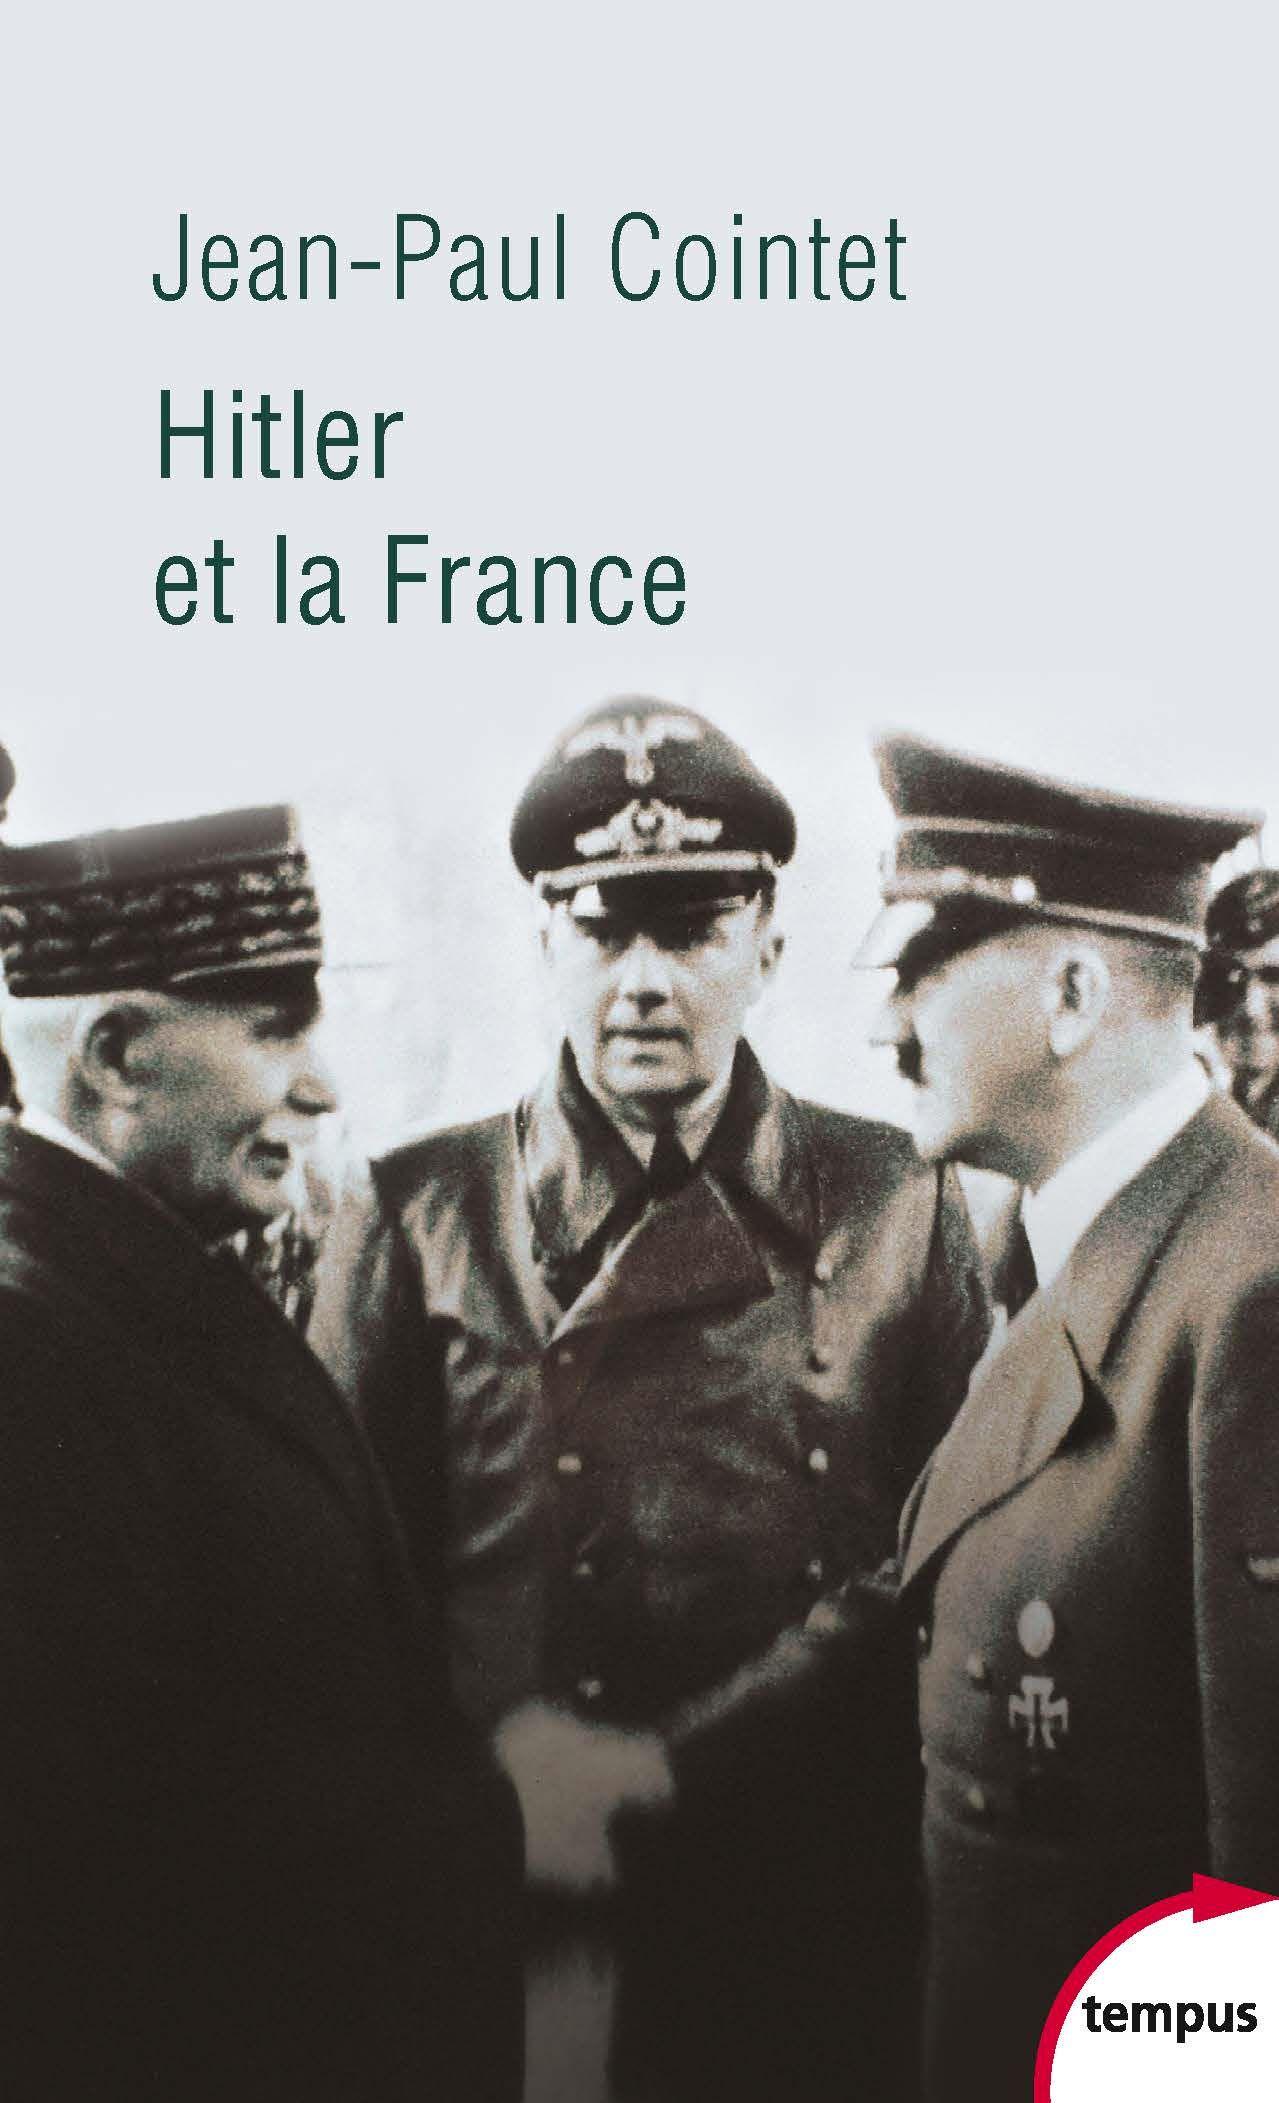 La relation complexe qu'entretenait Hitler vis-à-vis de la France